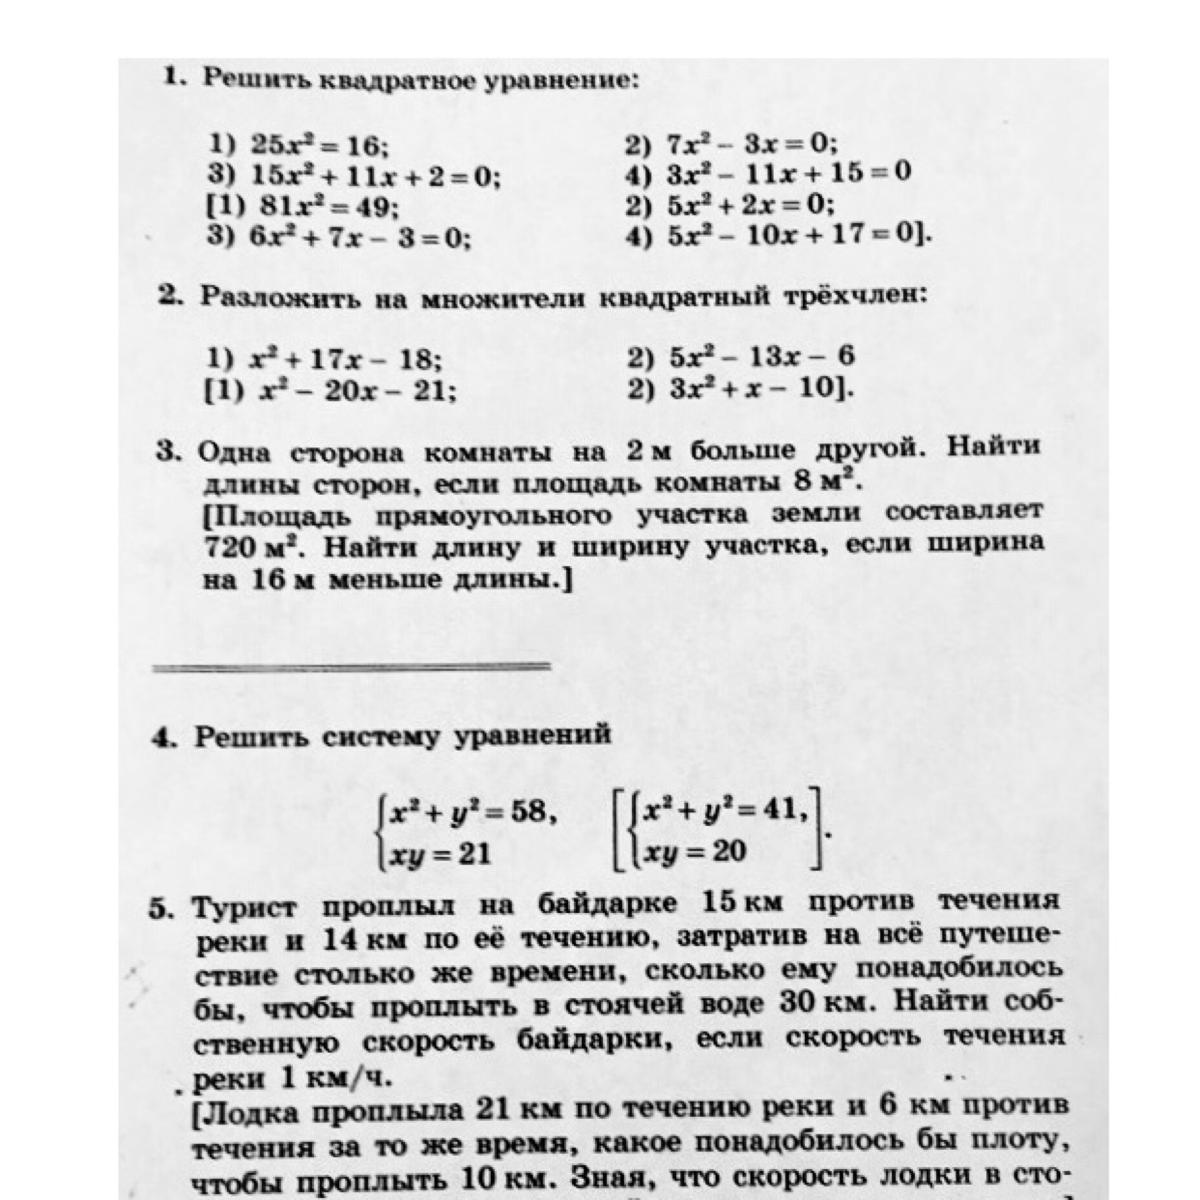 1. Решить квадратное уравнение: 3) 15 x^2 + 11 x +